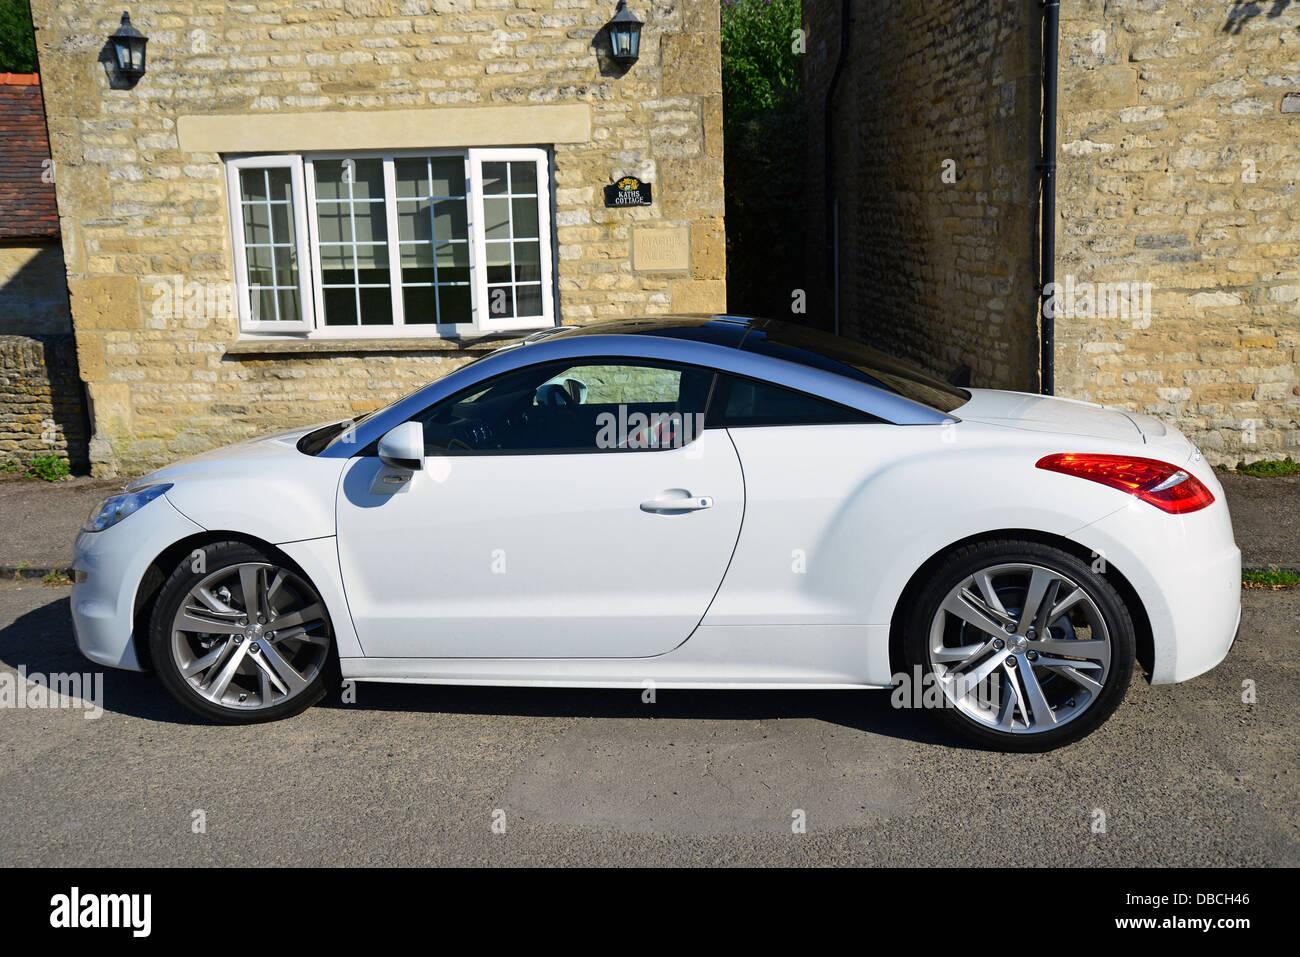 White Peugeot Rcz Voiture De Sport Compact Swinbrook Oxfordshire